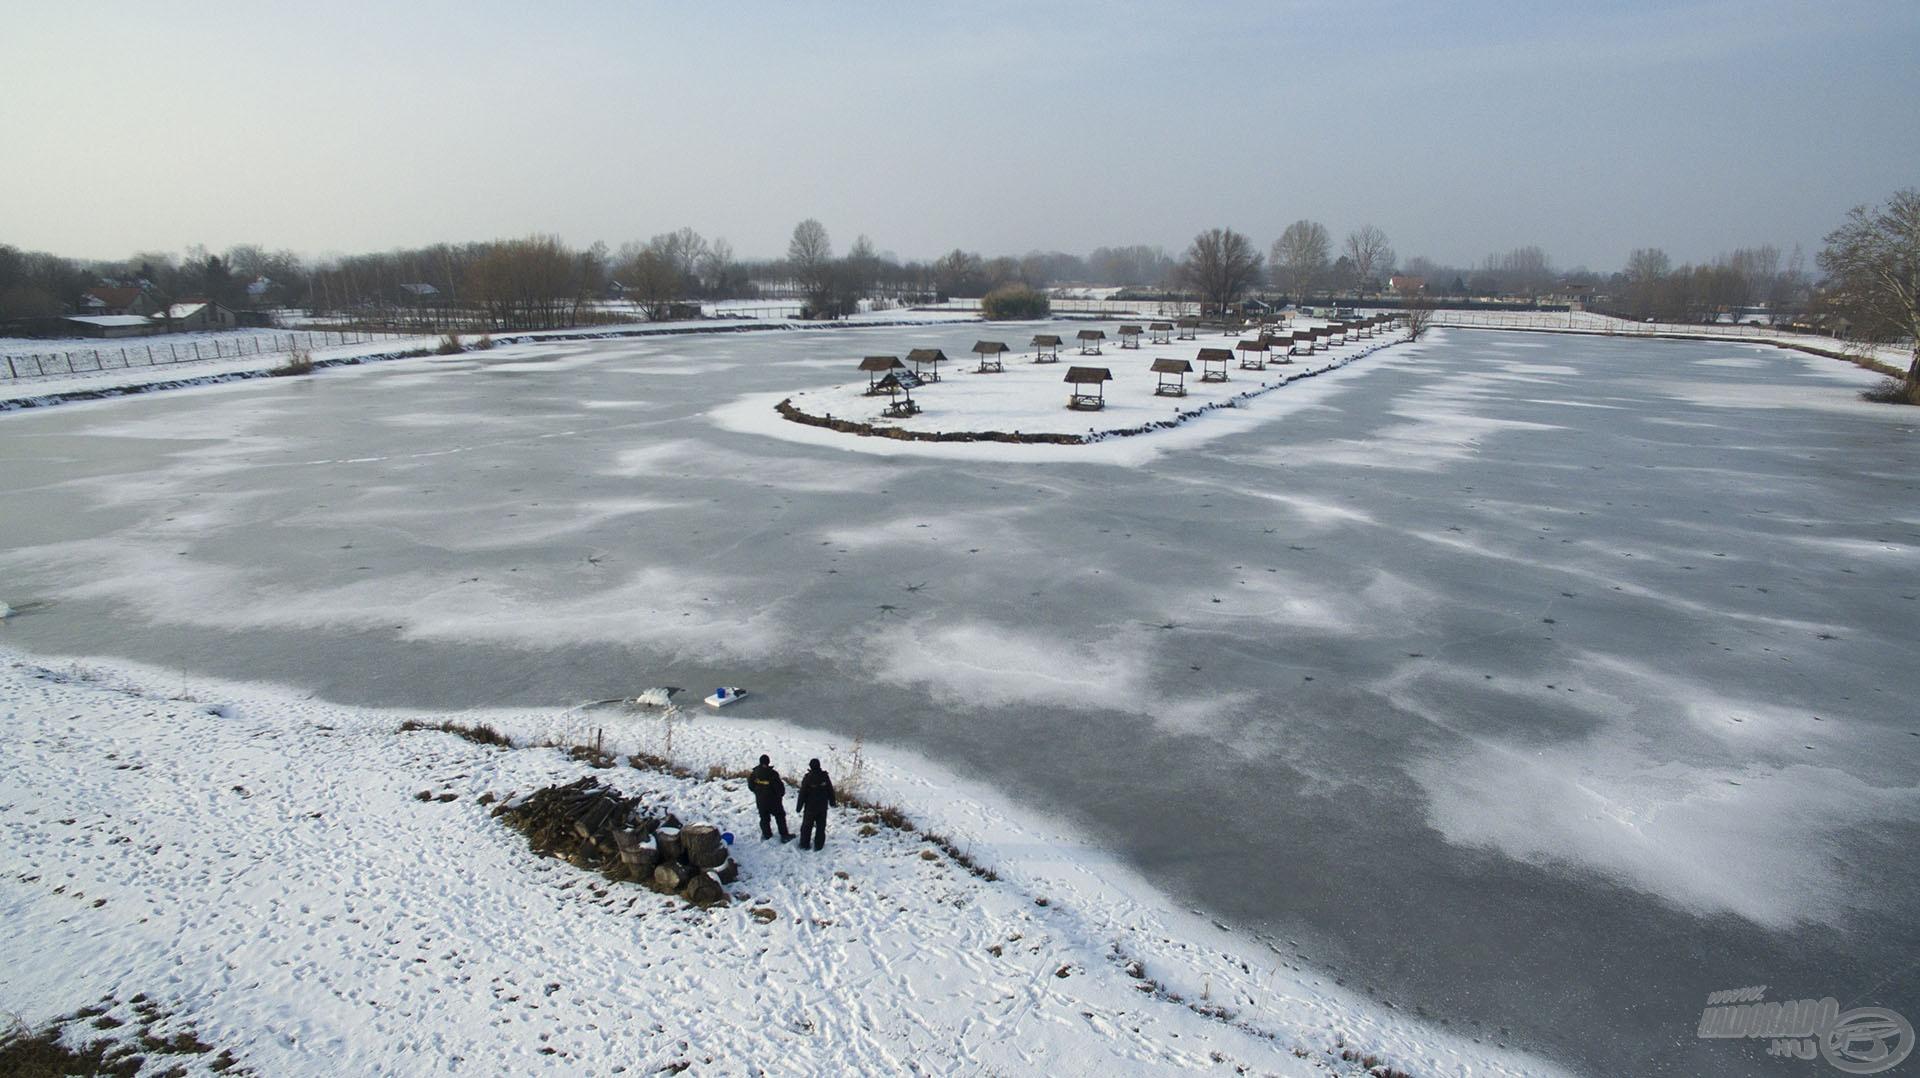 Téli horgászataim helyszíne a Kiskunhalasi Tóth-horgásztó volt